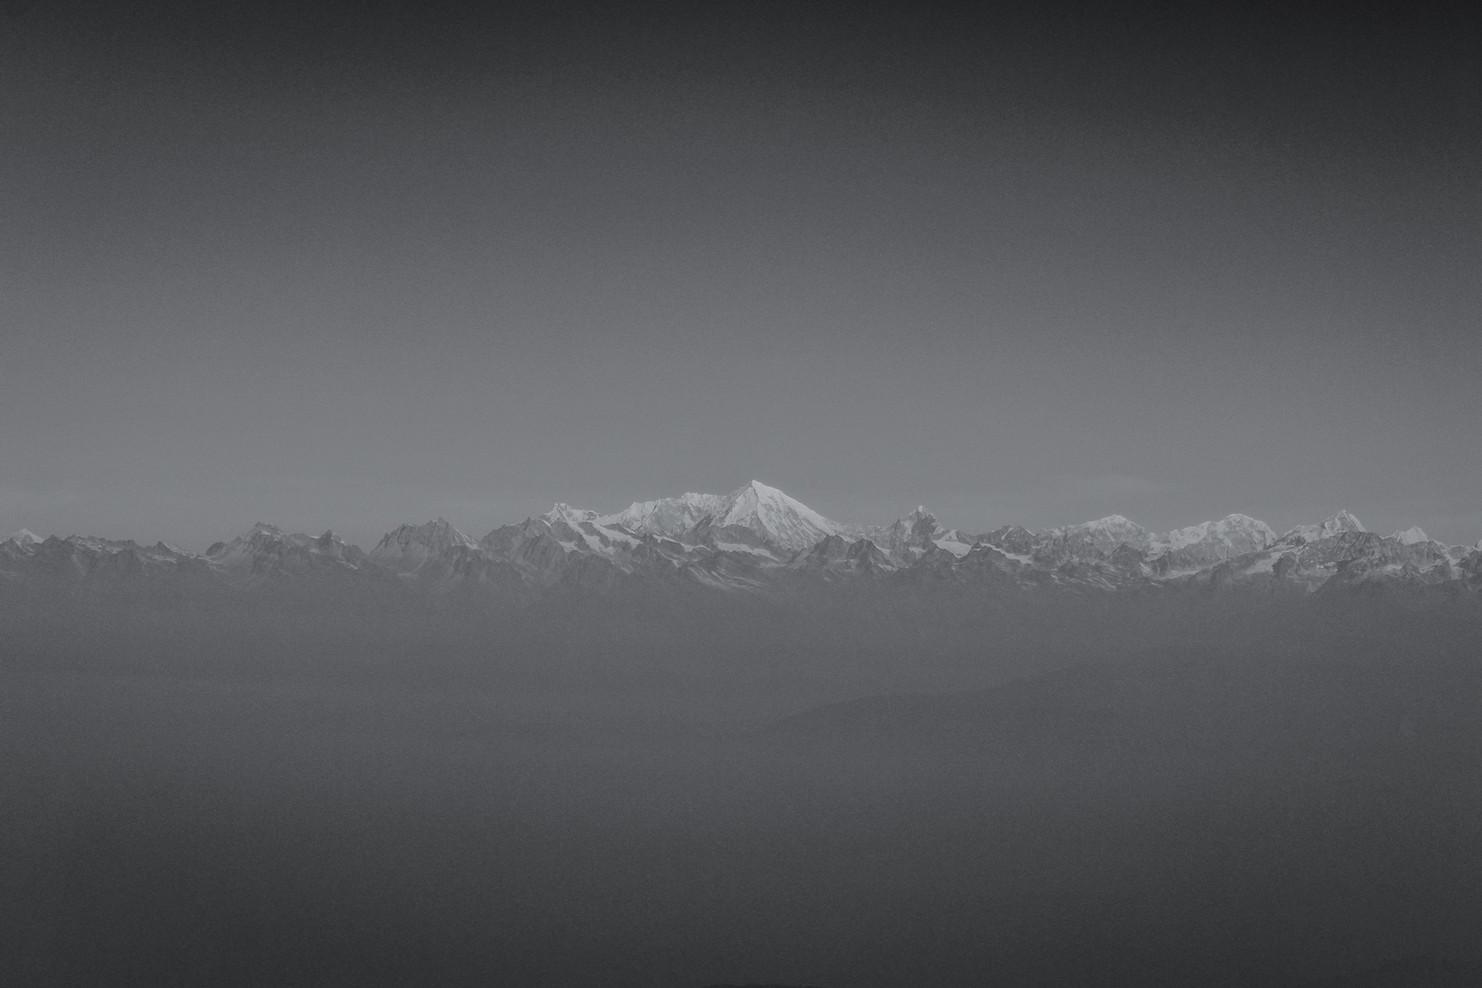 Himalayas Mountains - Landscape - Claudio Ramírez Landscape & Nature Photography